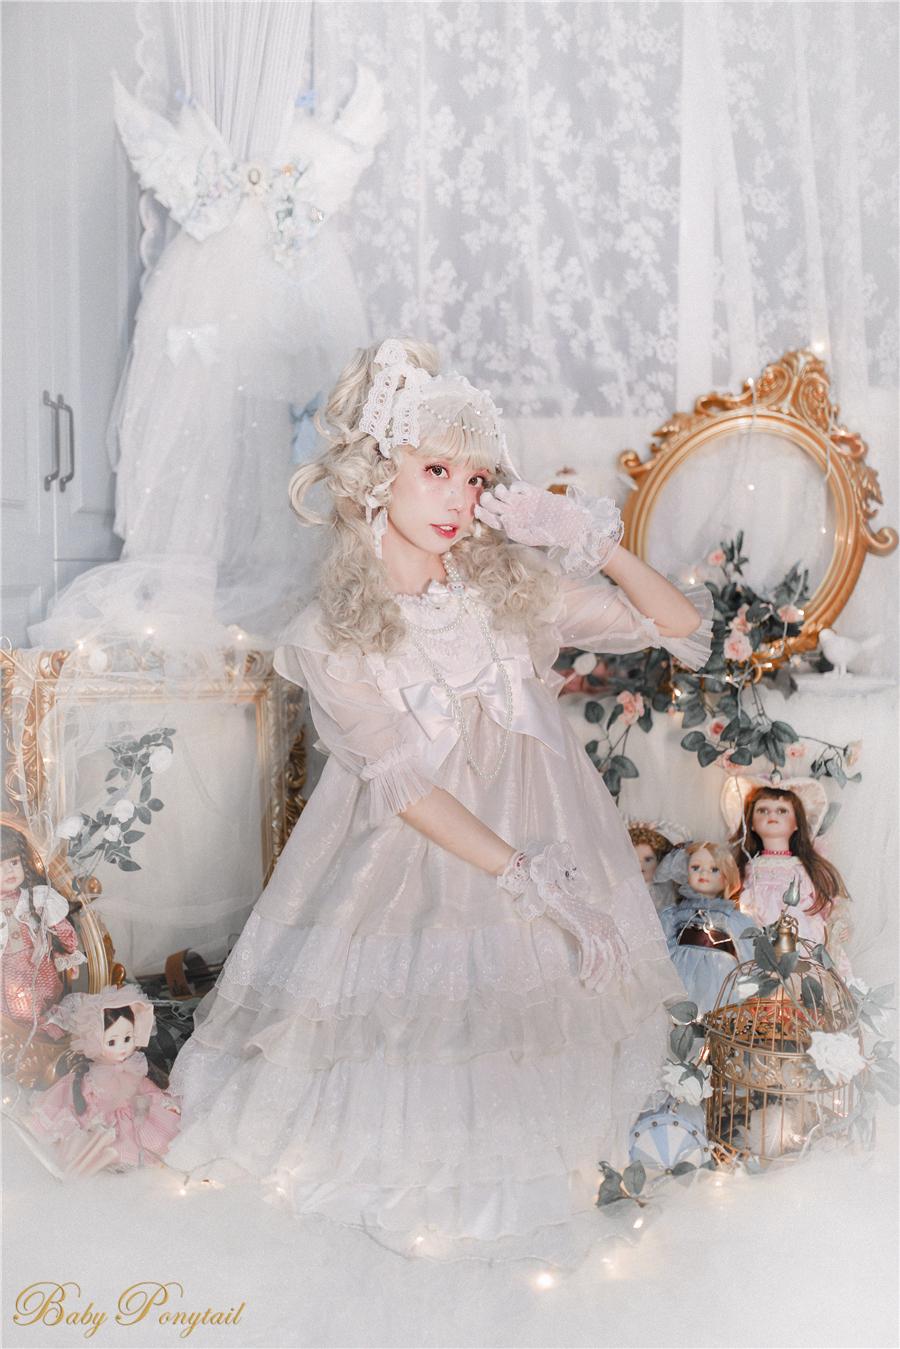 Babyponytail_Model Photo_Present Angel_JSK white_2_Kaka_04.jpg